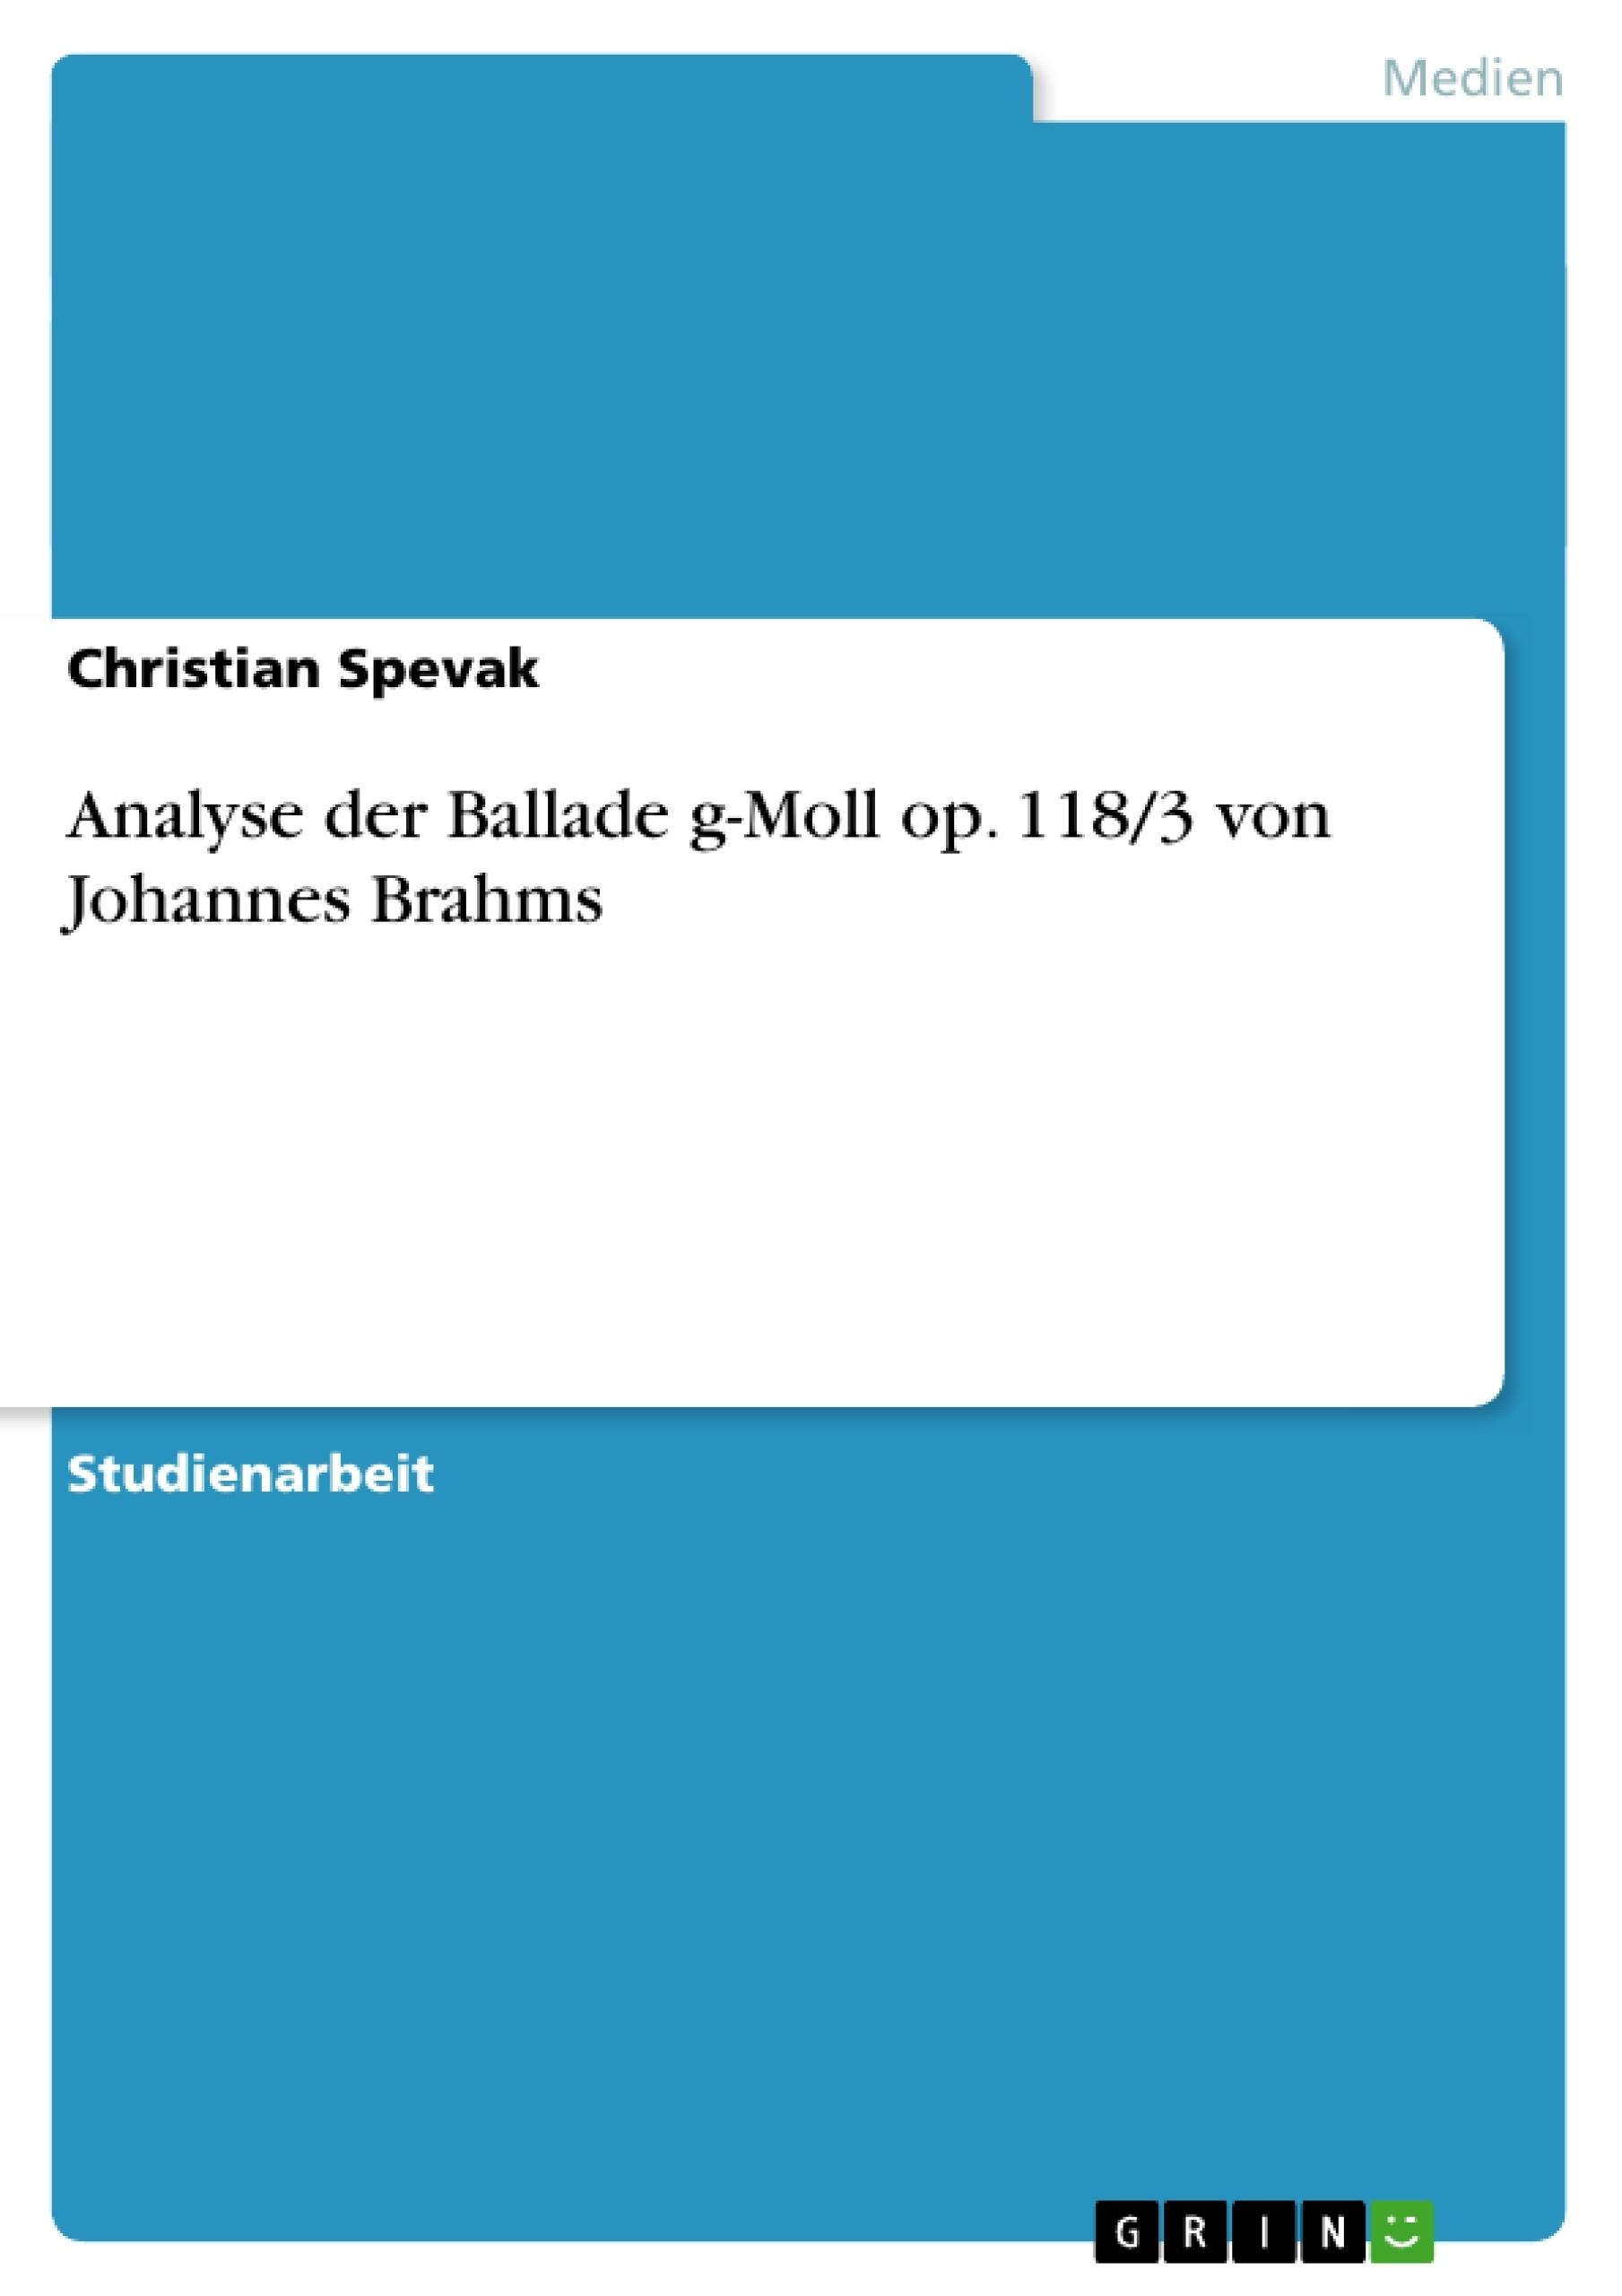 Titel: Analyse der Ballade g-Moll op. 118/3 von Johannes Brahms